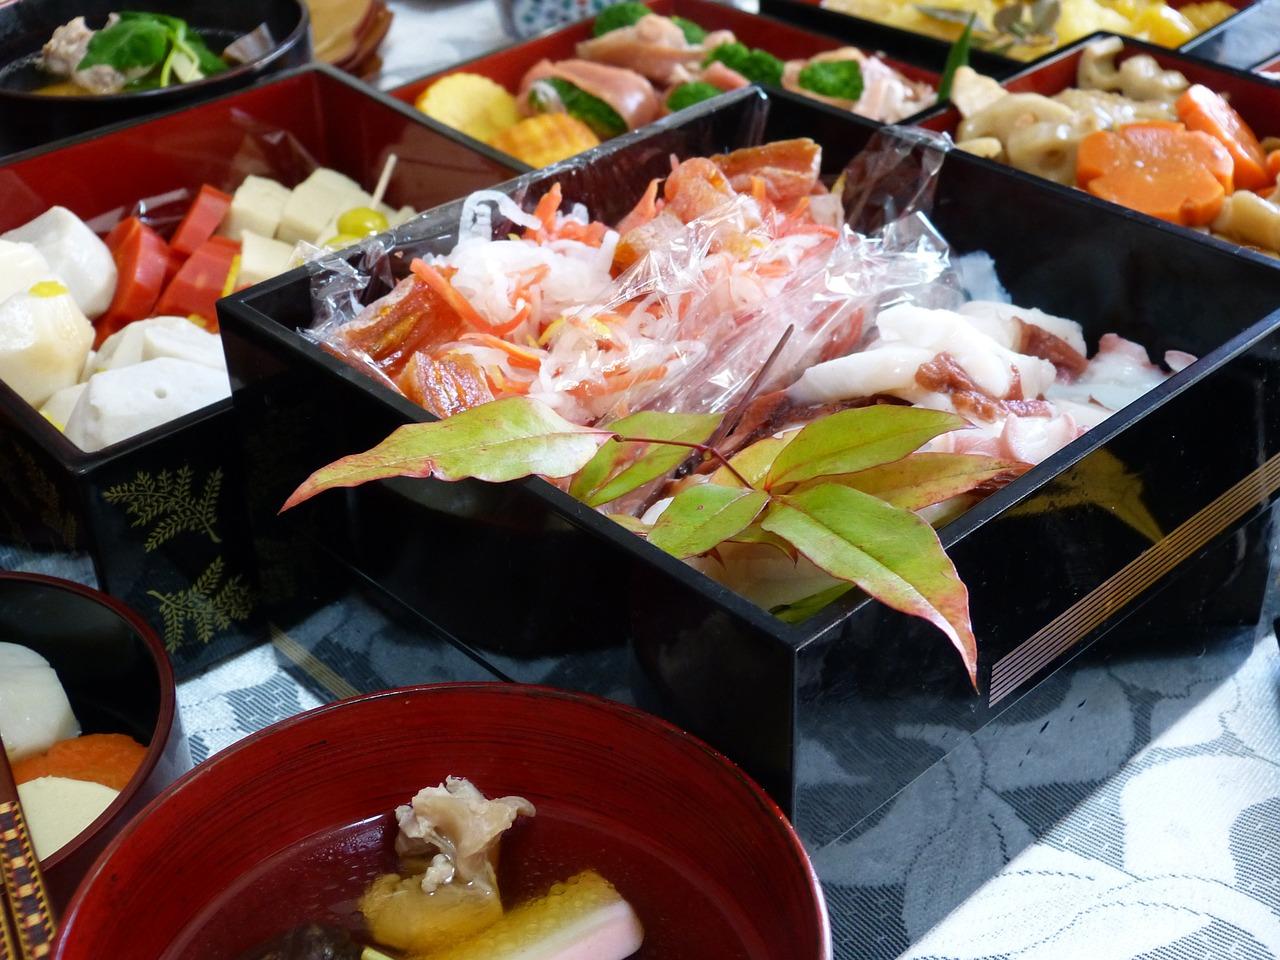 japanese-food-993053_1280